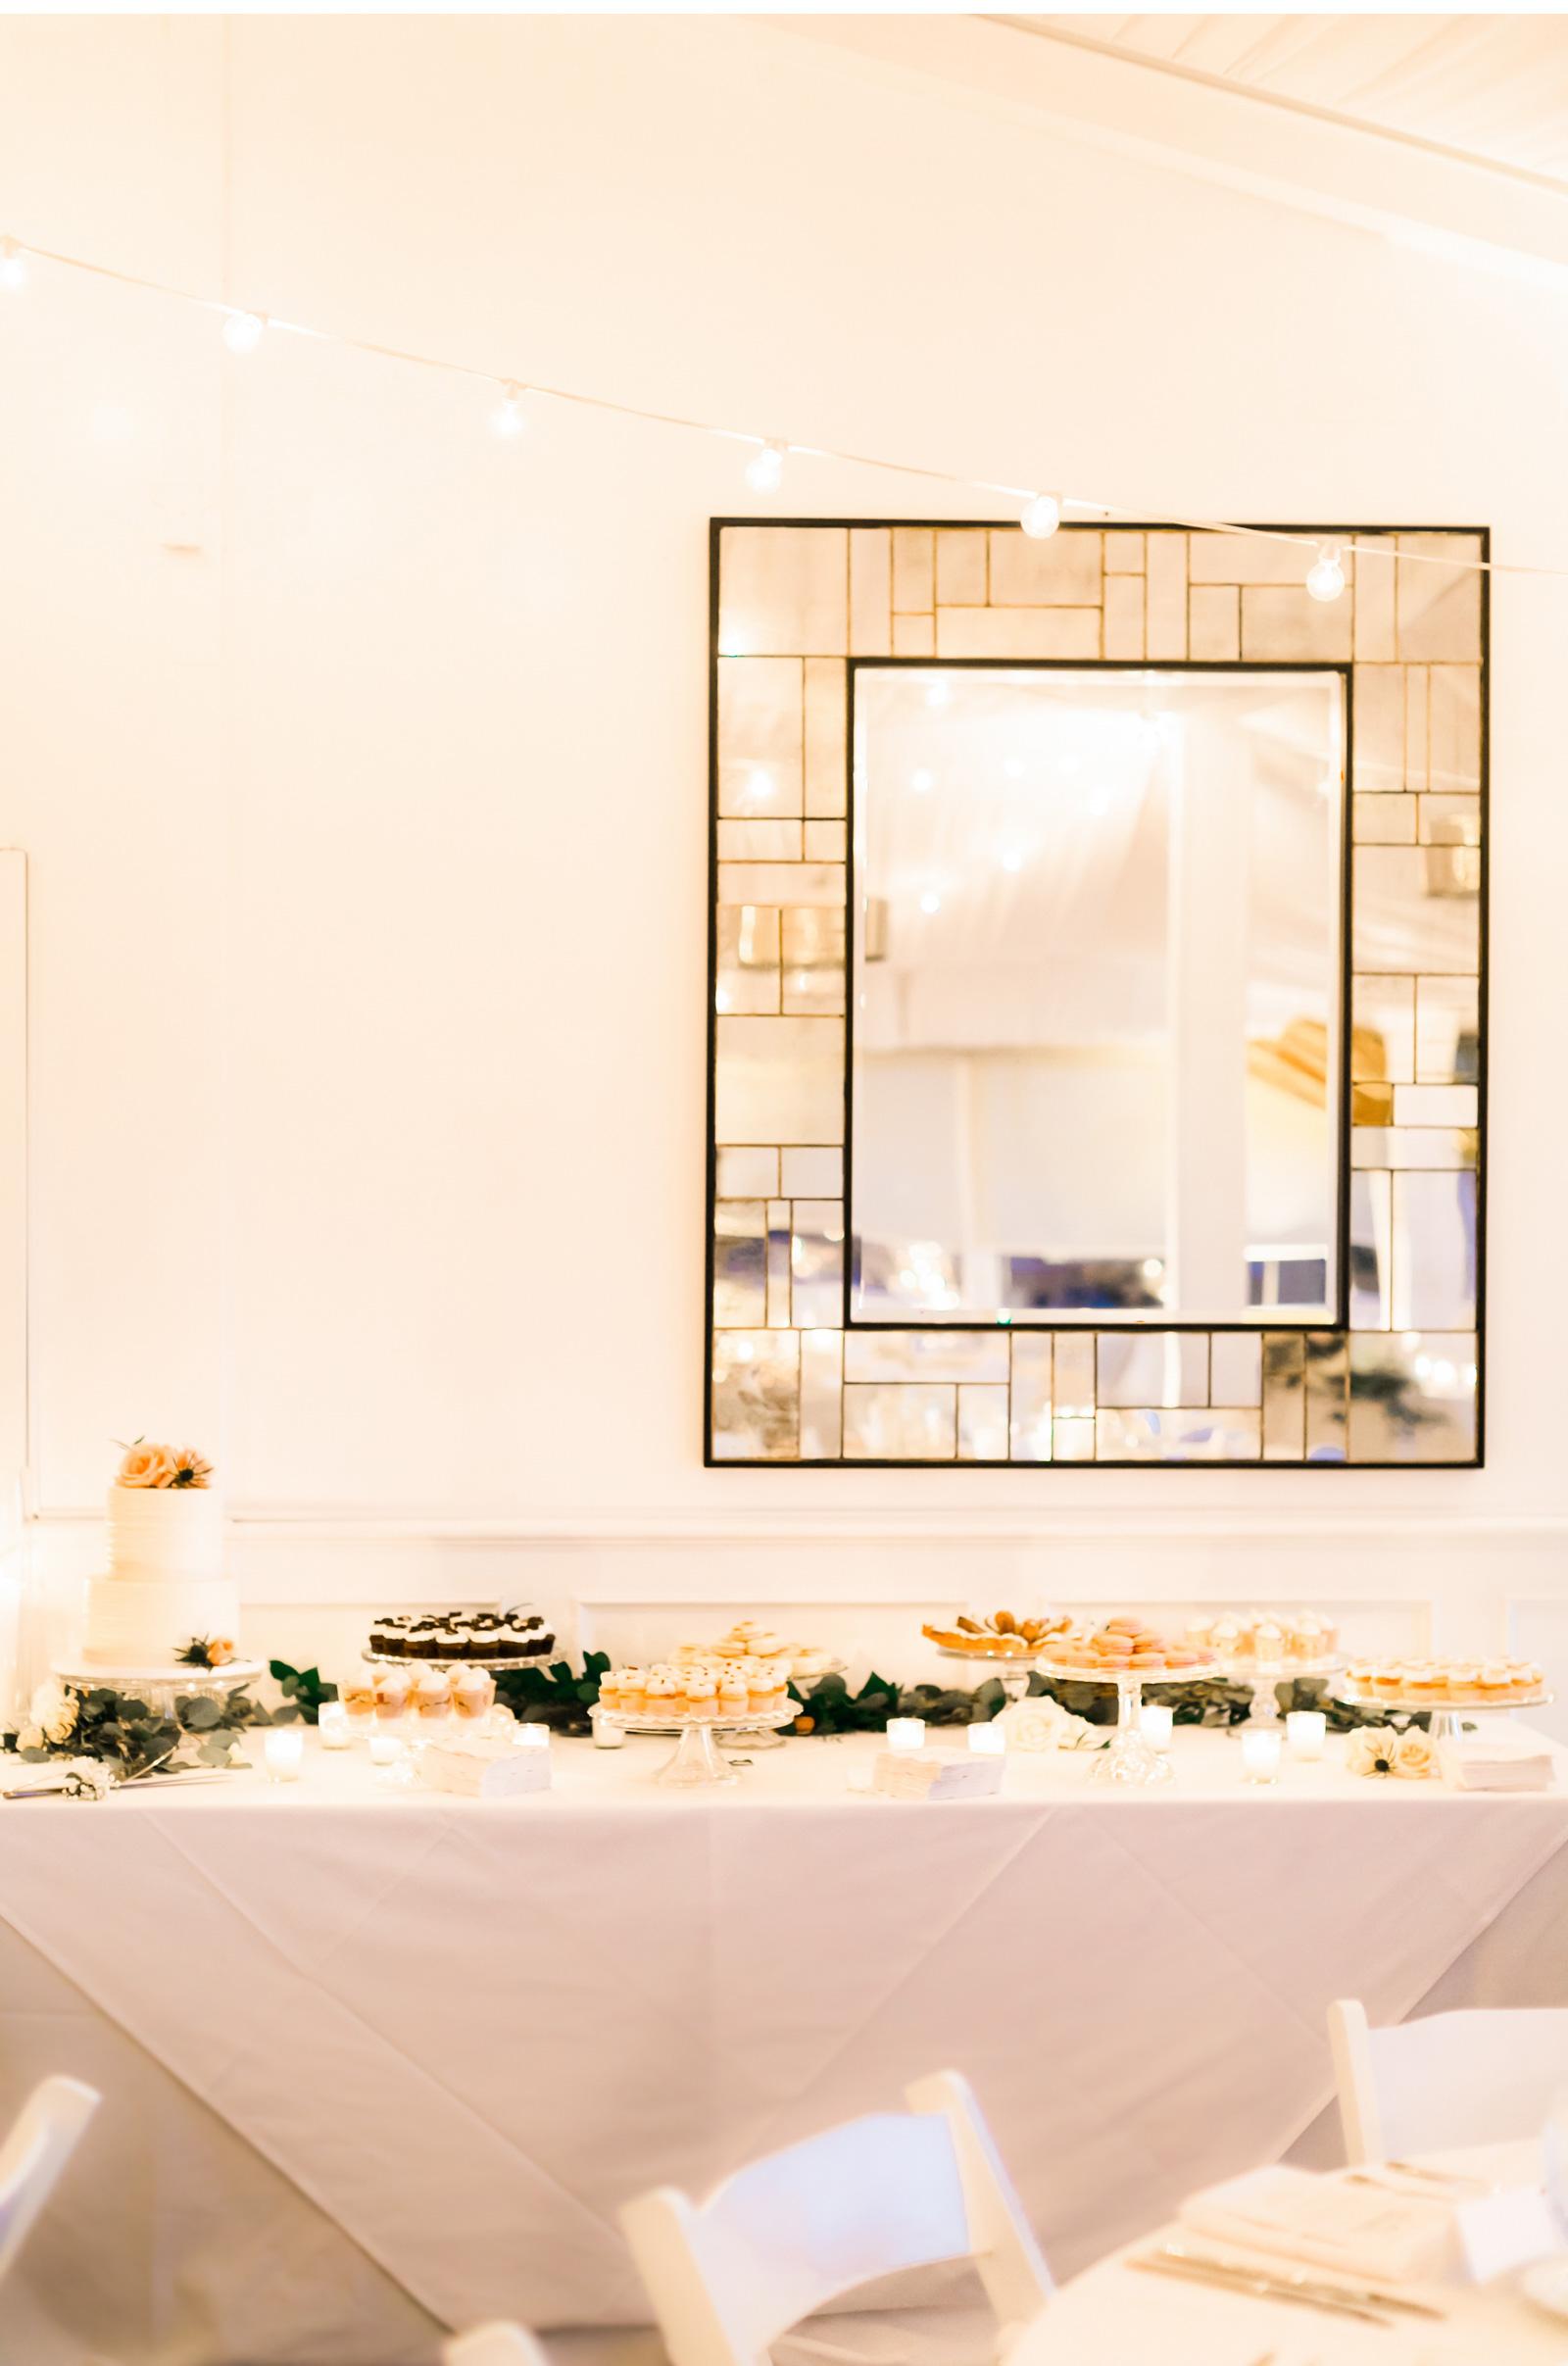 Sunset-Restaurant-Wedding-Natalie-Schutt-Photography_01_09.jpg